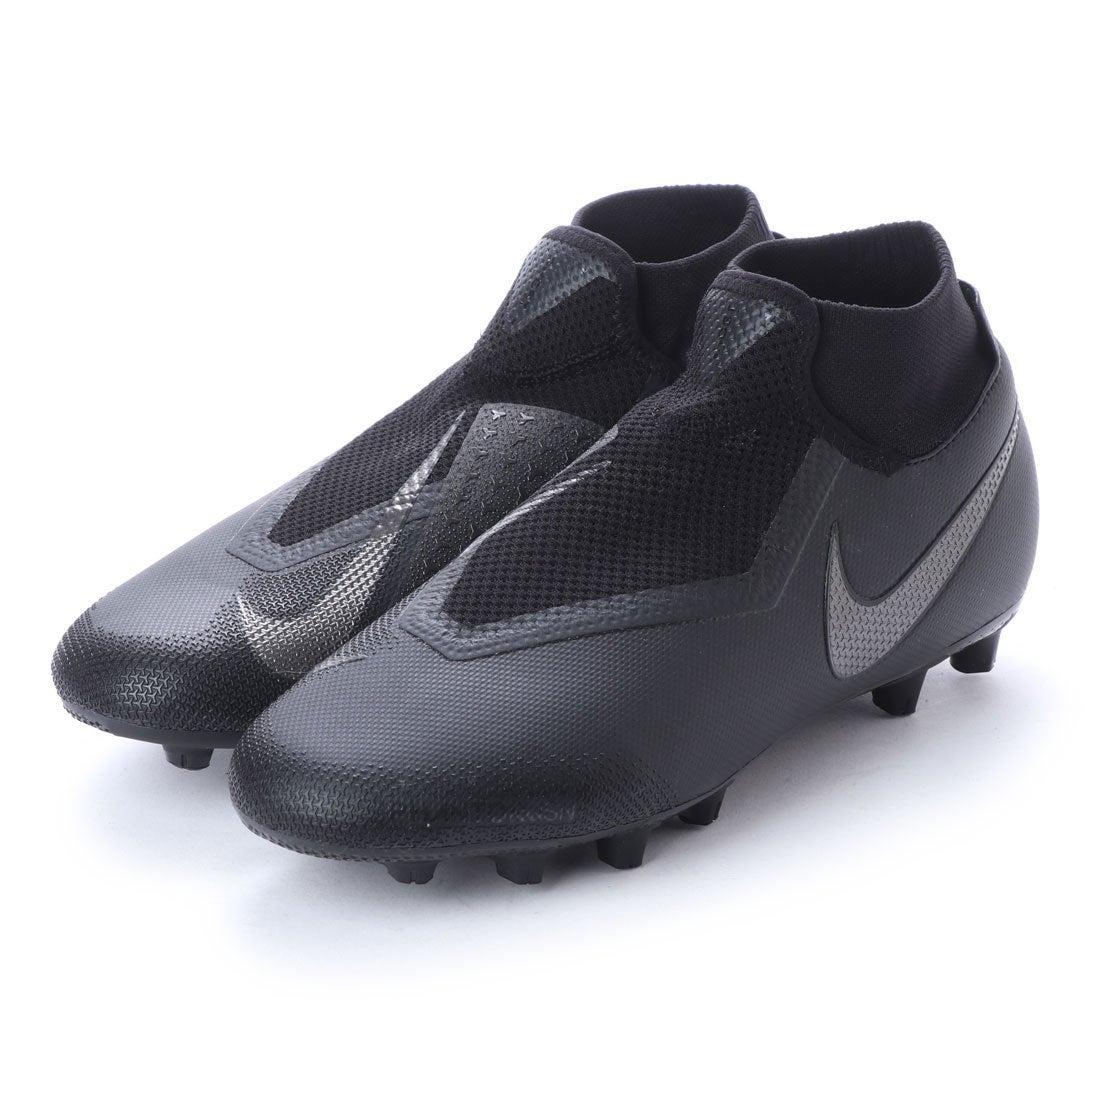 ロコンド 靴とファッションの通販サイトナイキ(NIKE)サッカースパイクシューズファントムVSNPRODFHGAQ9289001